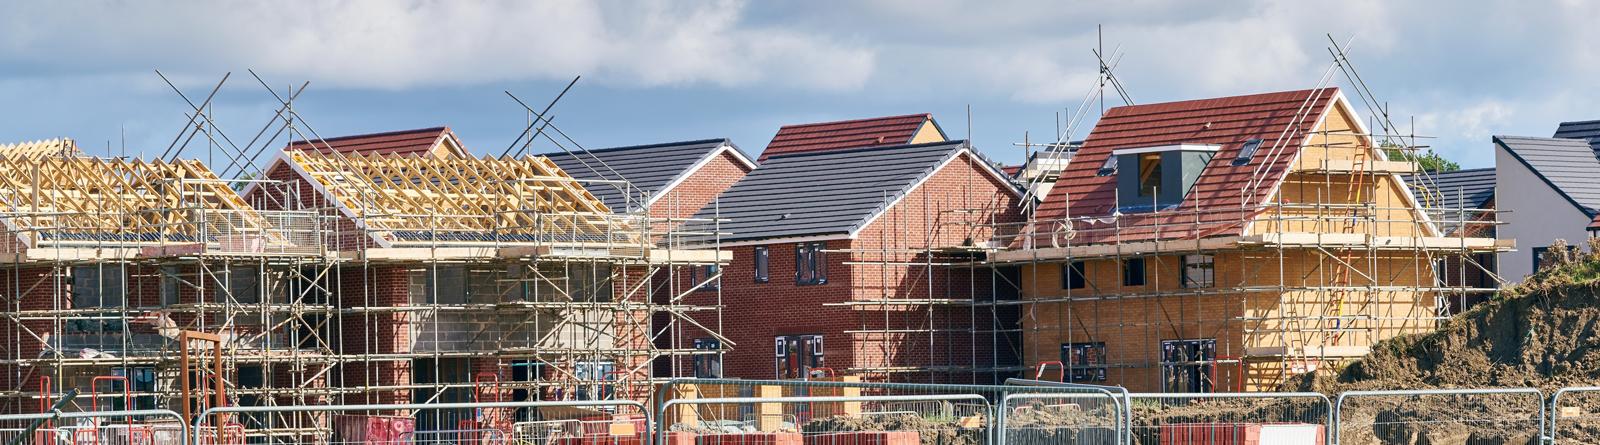 Welwyn Hatfield Local Housing Plan 'Shambolic'